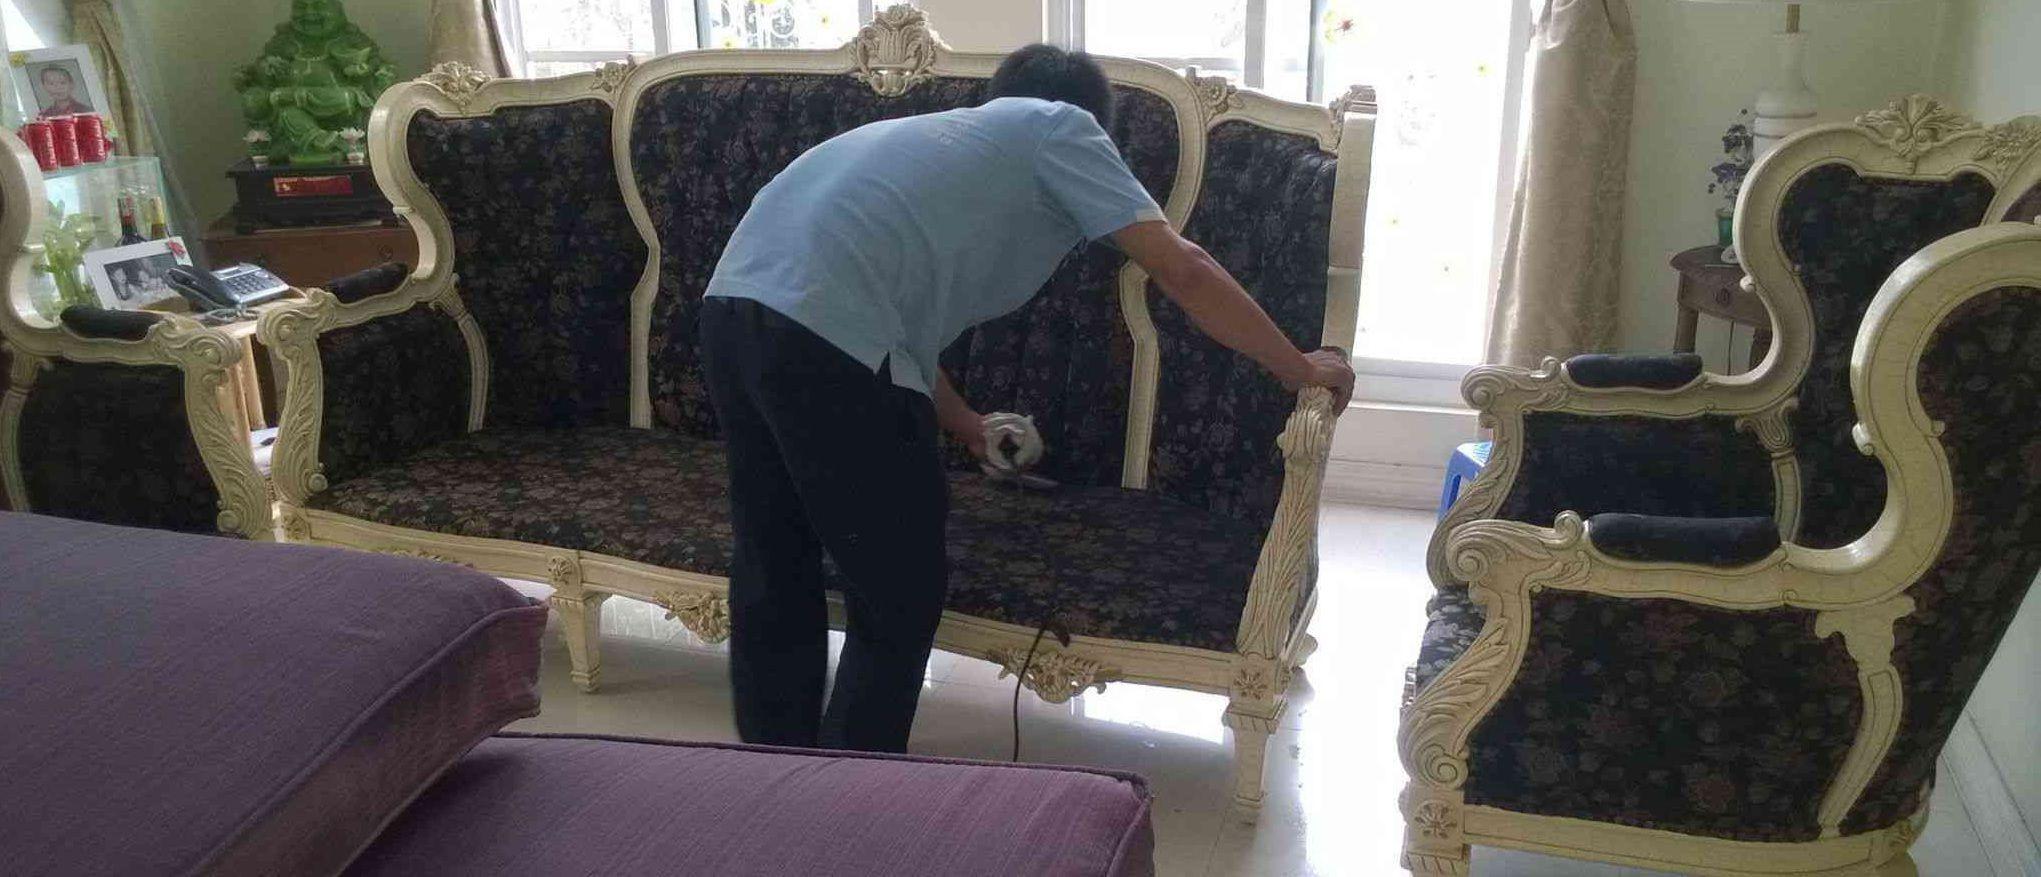 Kết quả hình ảnh cho giặt ghế sofa